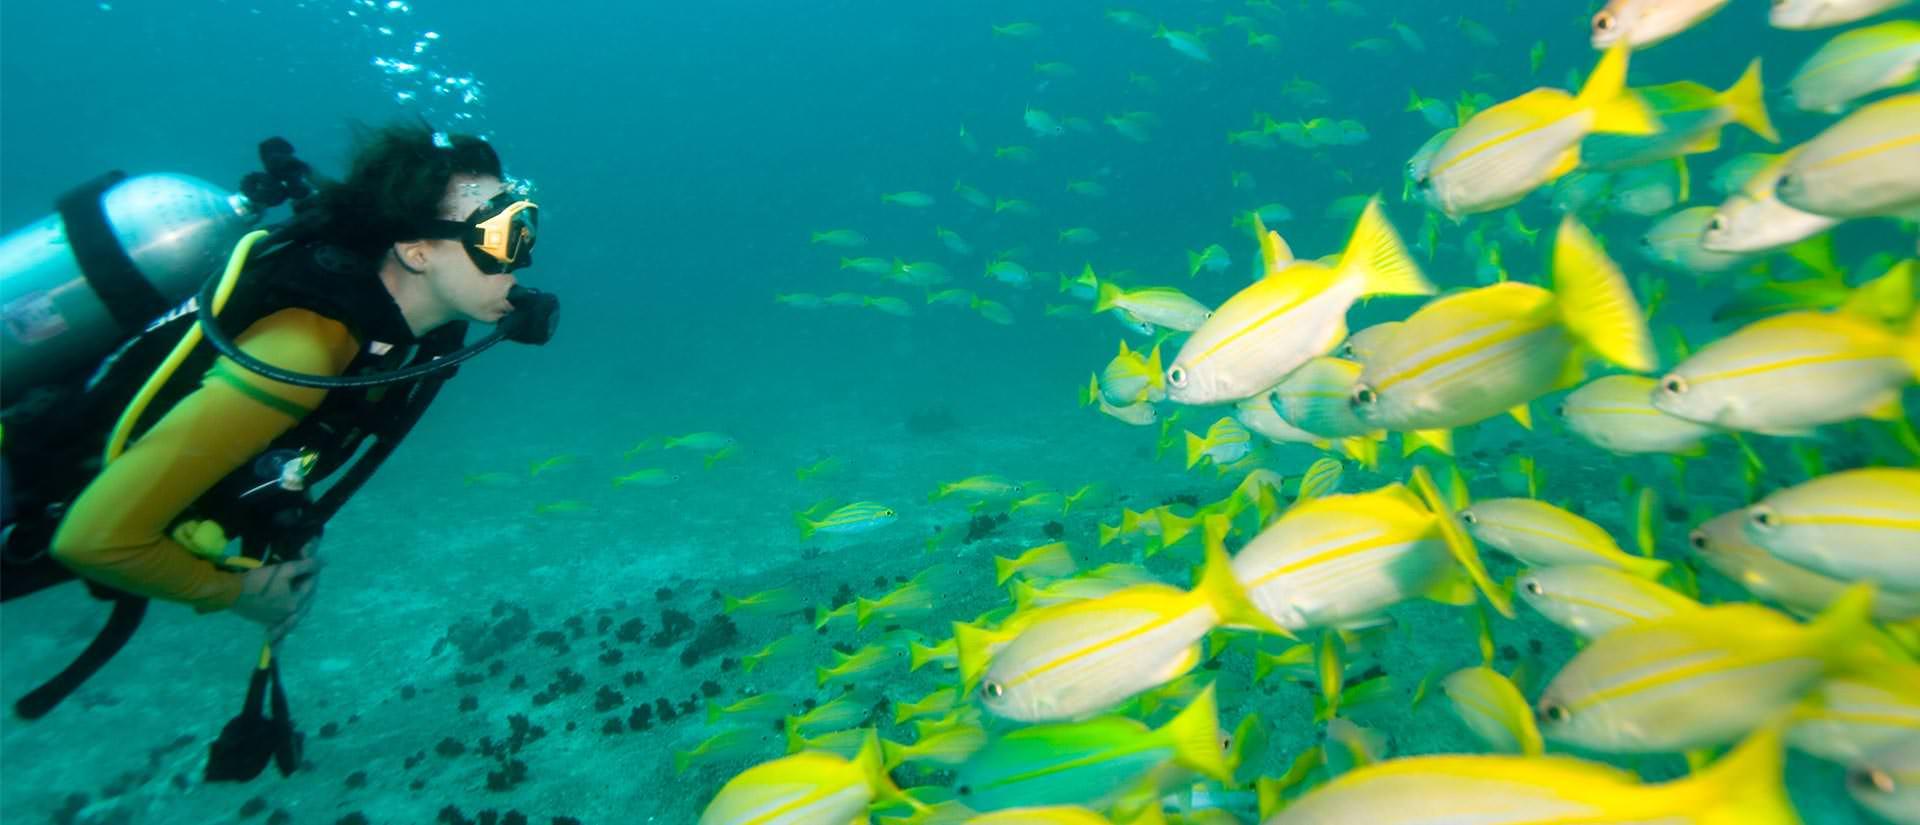 ספארי צלילה באיי סיישל - 9 ימים - הפלגת צלילה וטבע בסיישל